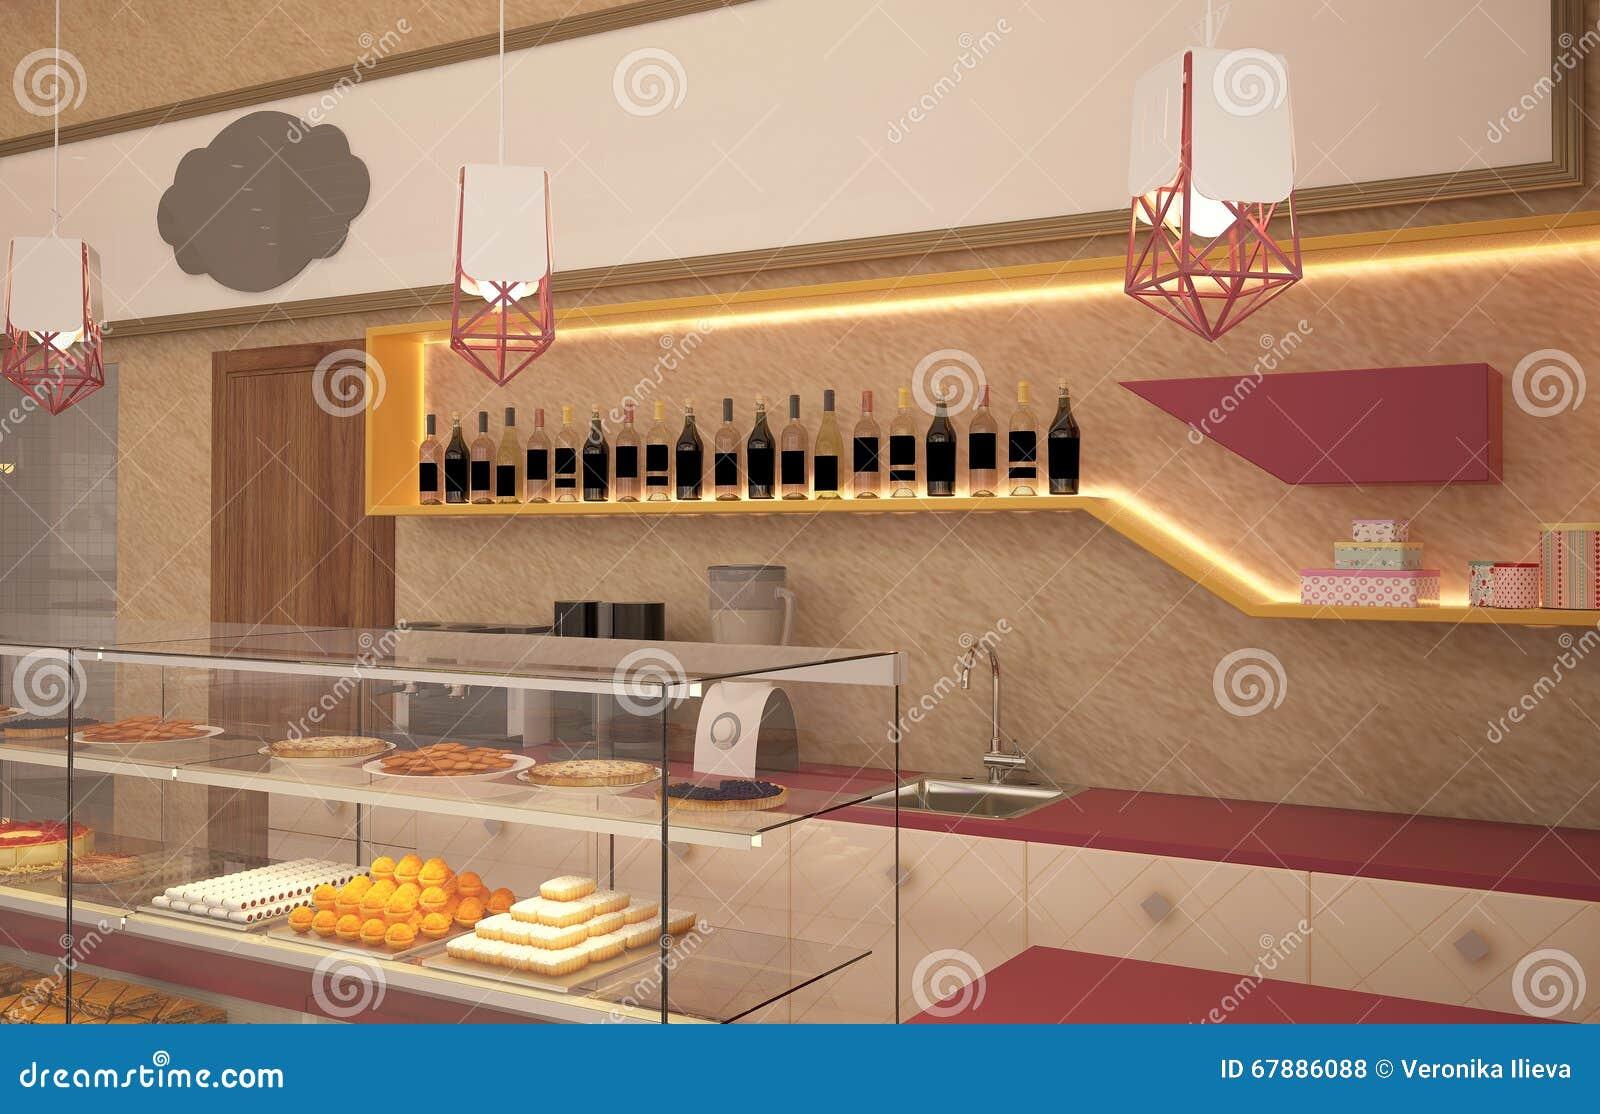 3D面包点心店室内设计的形象化